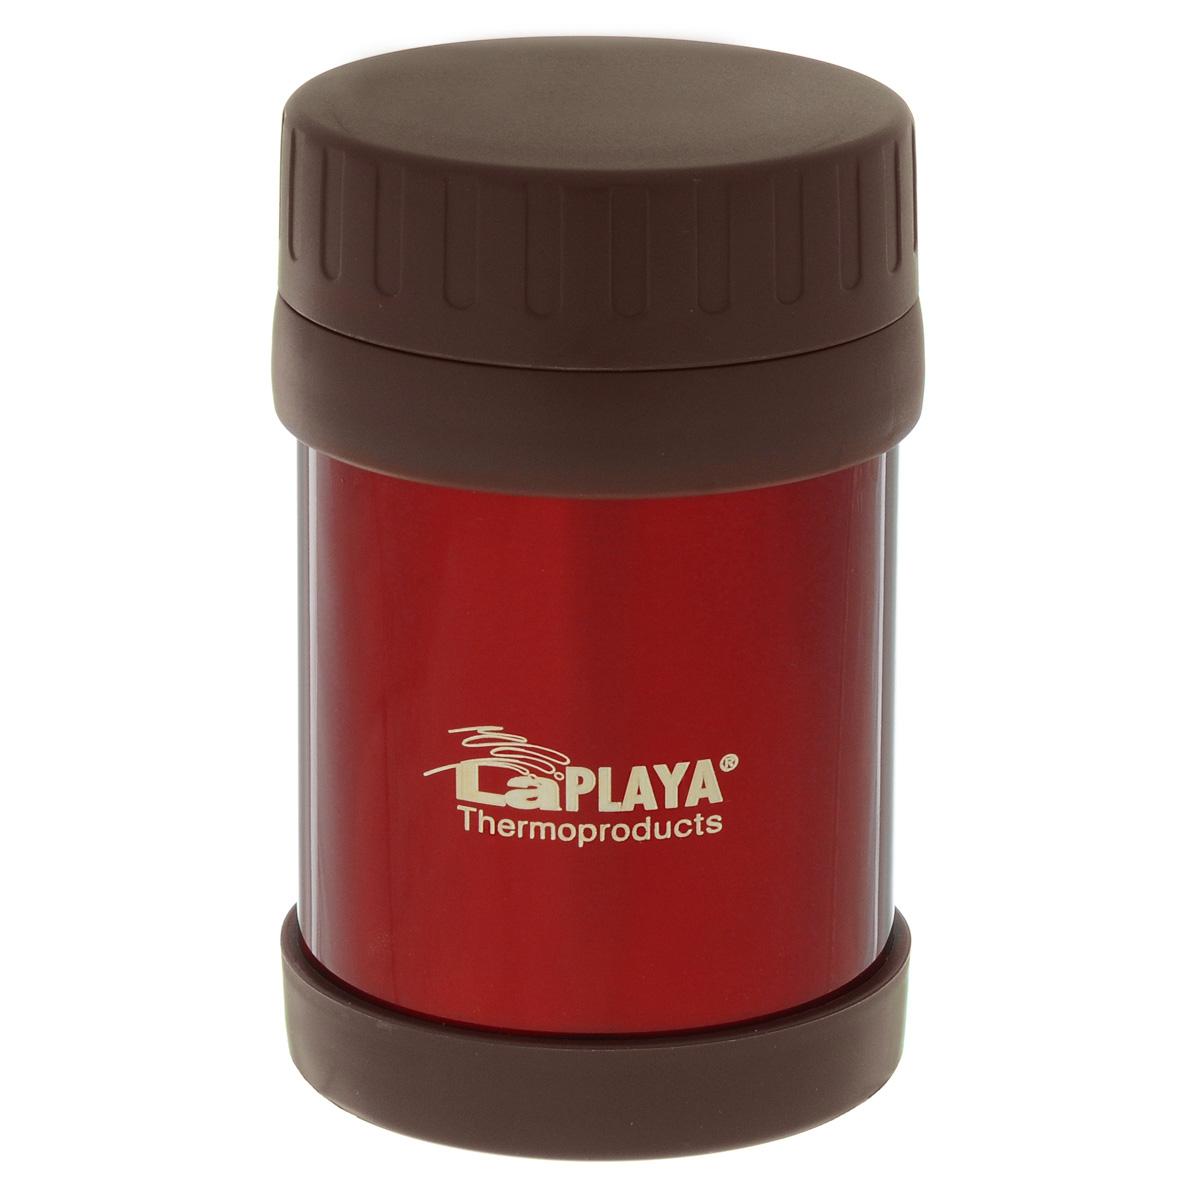 Термос для еды LaPlaya Food Container, цвет: красный, 350 мл560081Корпус термоса LaPlaya Food Container изготовлен из высококачественной нержавеющей стали с двумя стенками. Термос оснащен крышкой, благодаря которой сохраняется абсолютная герметичность. Изделие имеет большое горлышко, поэтому идеально подходит для салатов, закусок, первых и вторых блюд. Такой термос удобен в использовании и станет полезным подарком. Диаметр (по верхнему краю): 8 см. Диаметр основания: 8,5 см. Высота (с учетом крышки): 13,5 см.